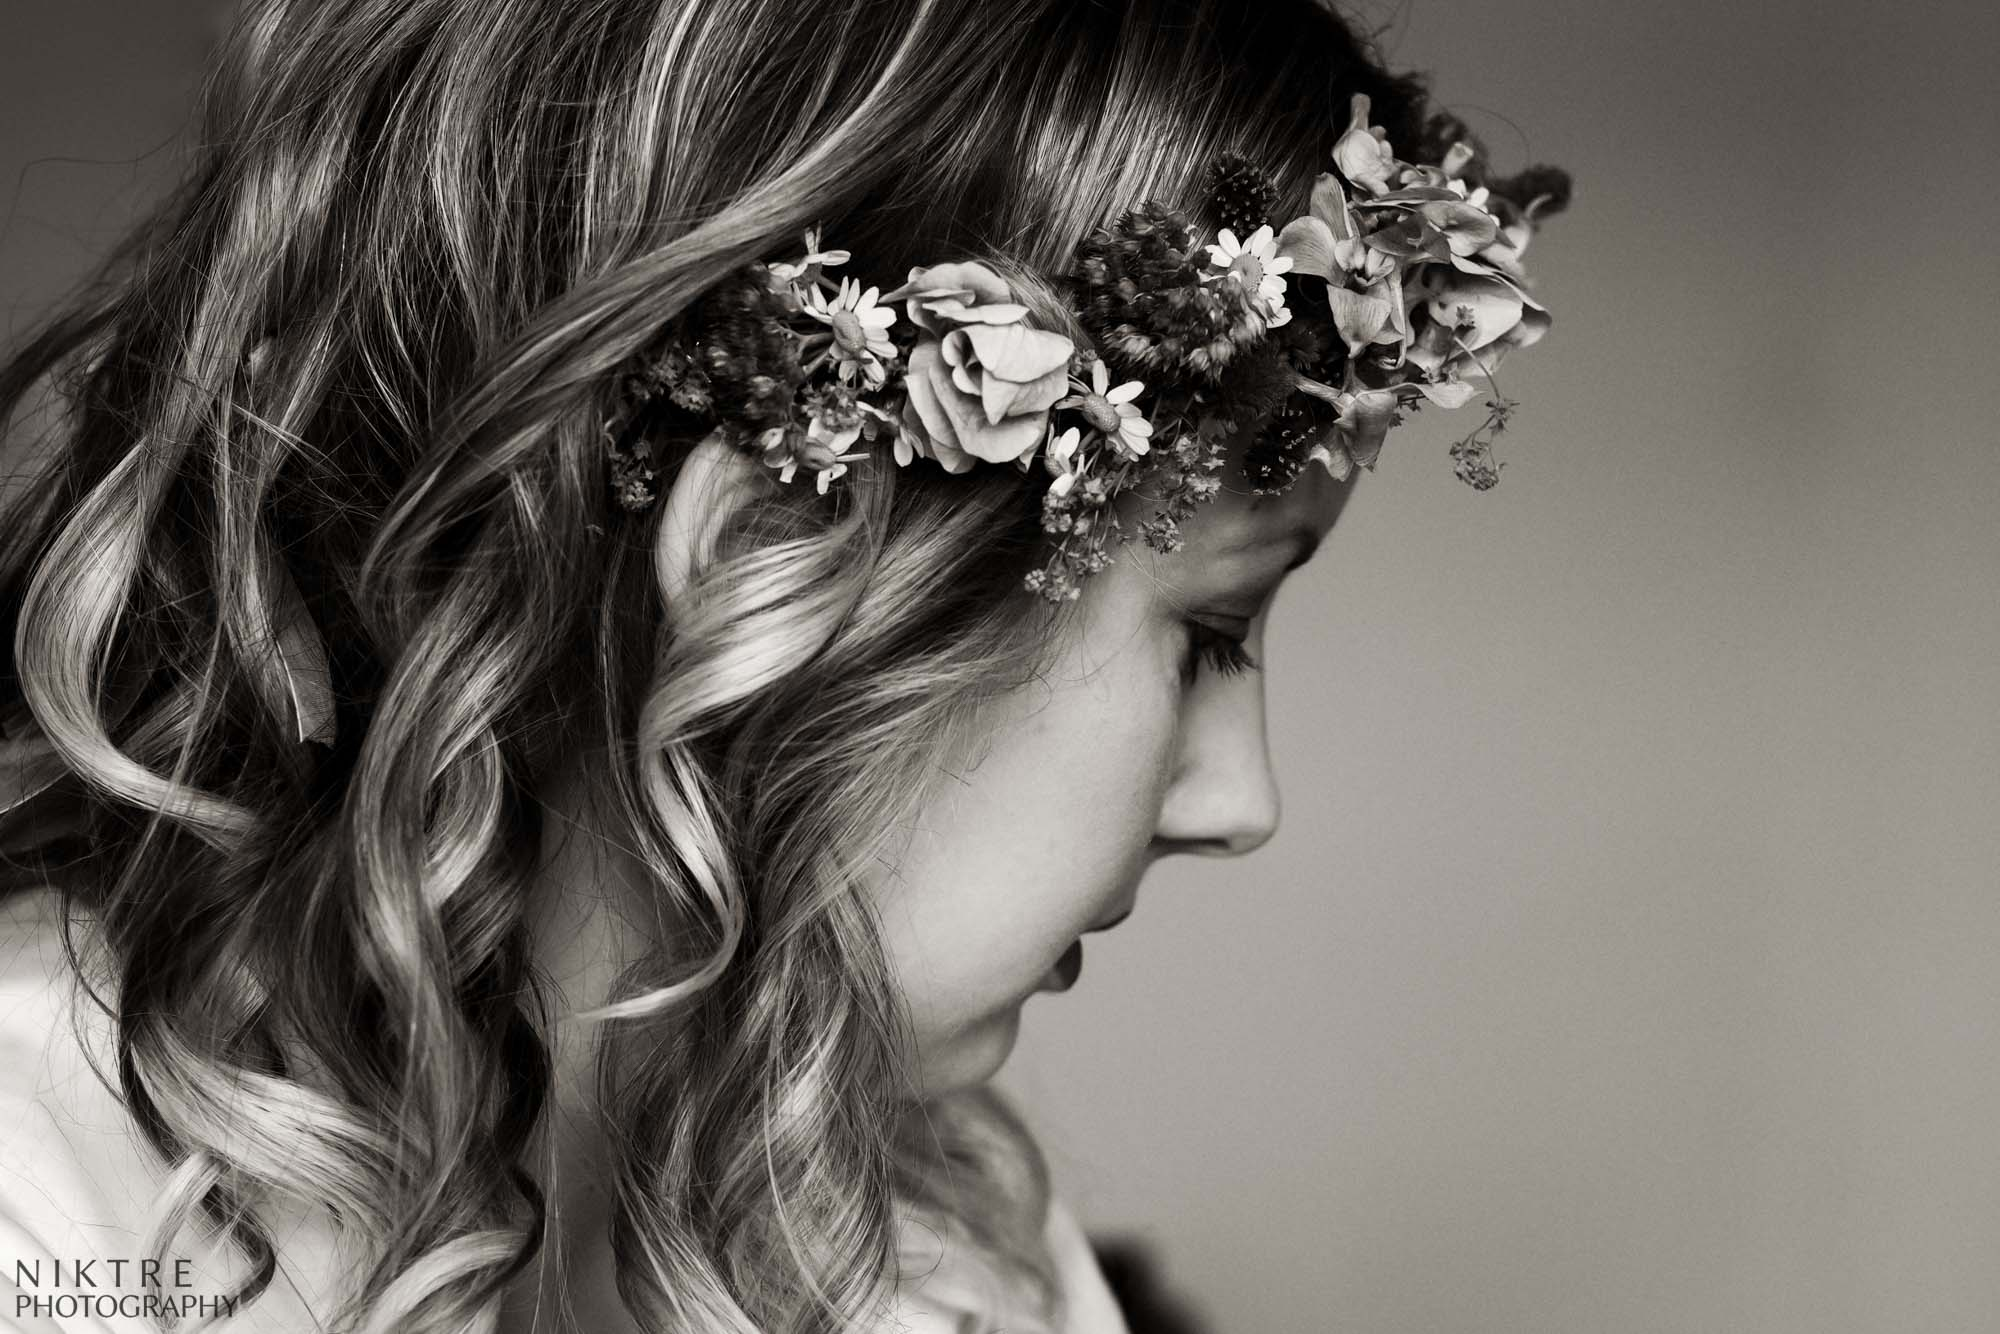 Momentaufnahme einer Braut mit dem Kranz